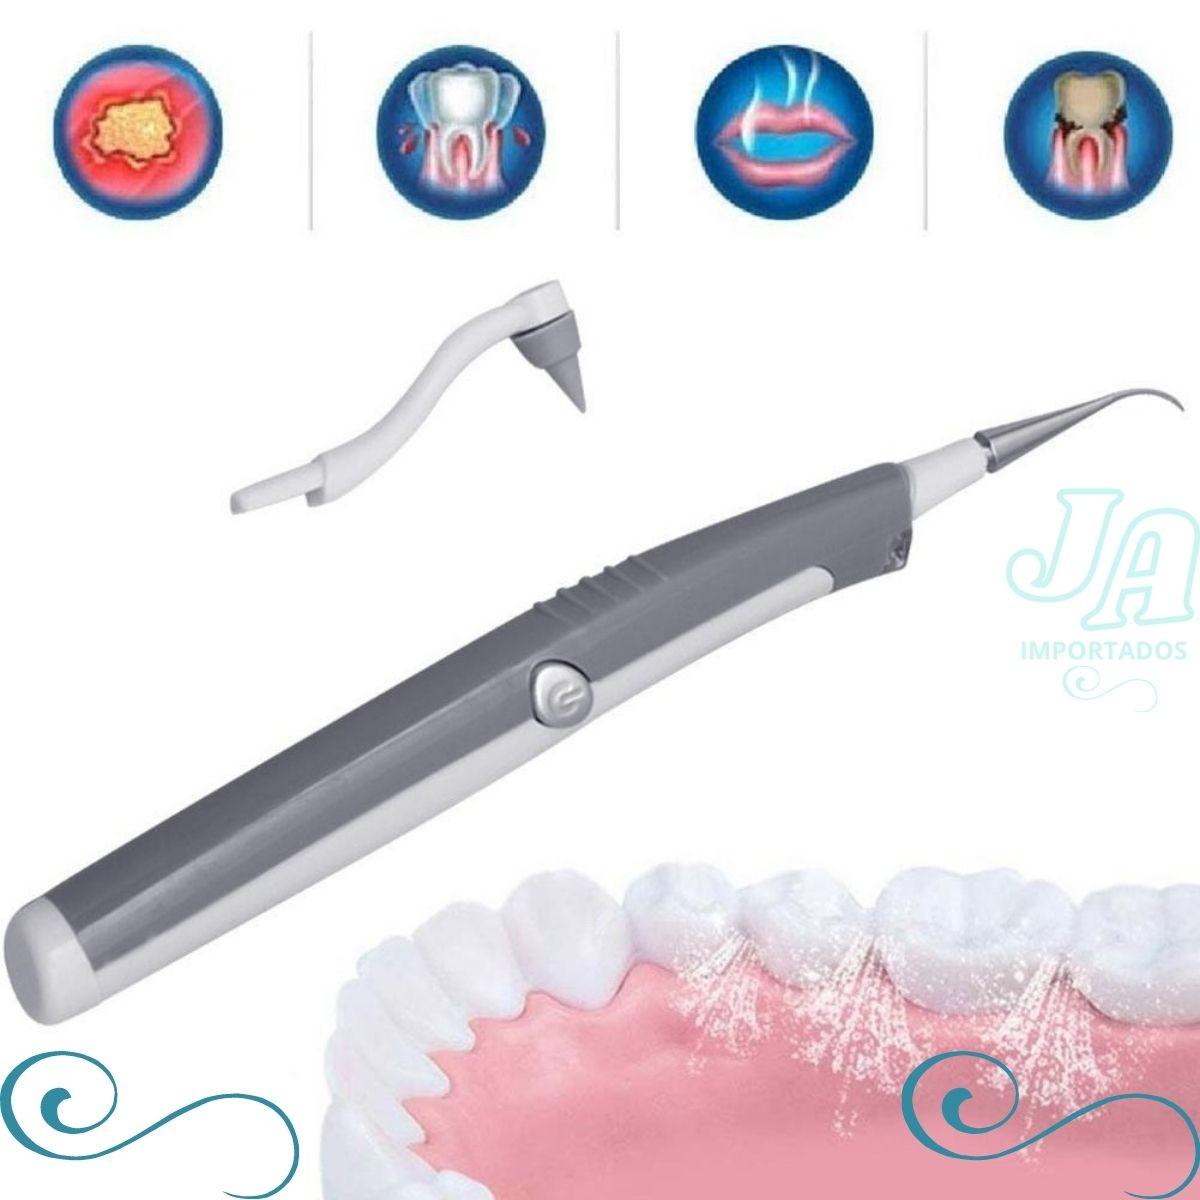 Aparelho de Limpeza Dental Remove Tartaro e Placas Bacterianass